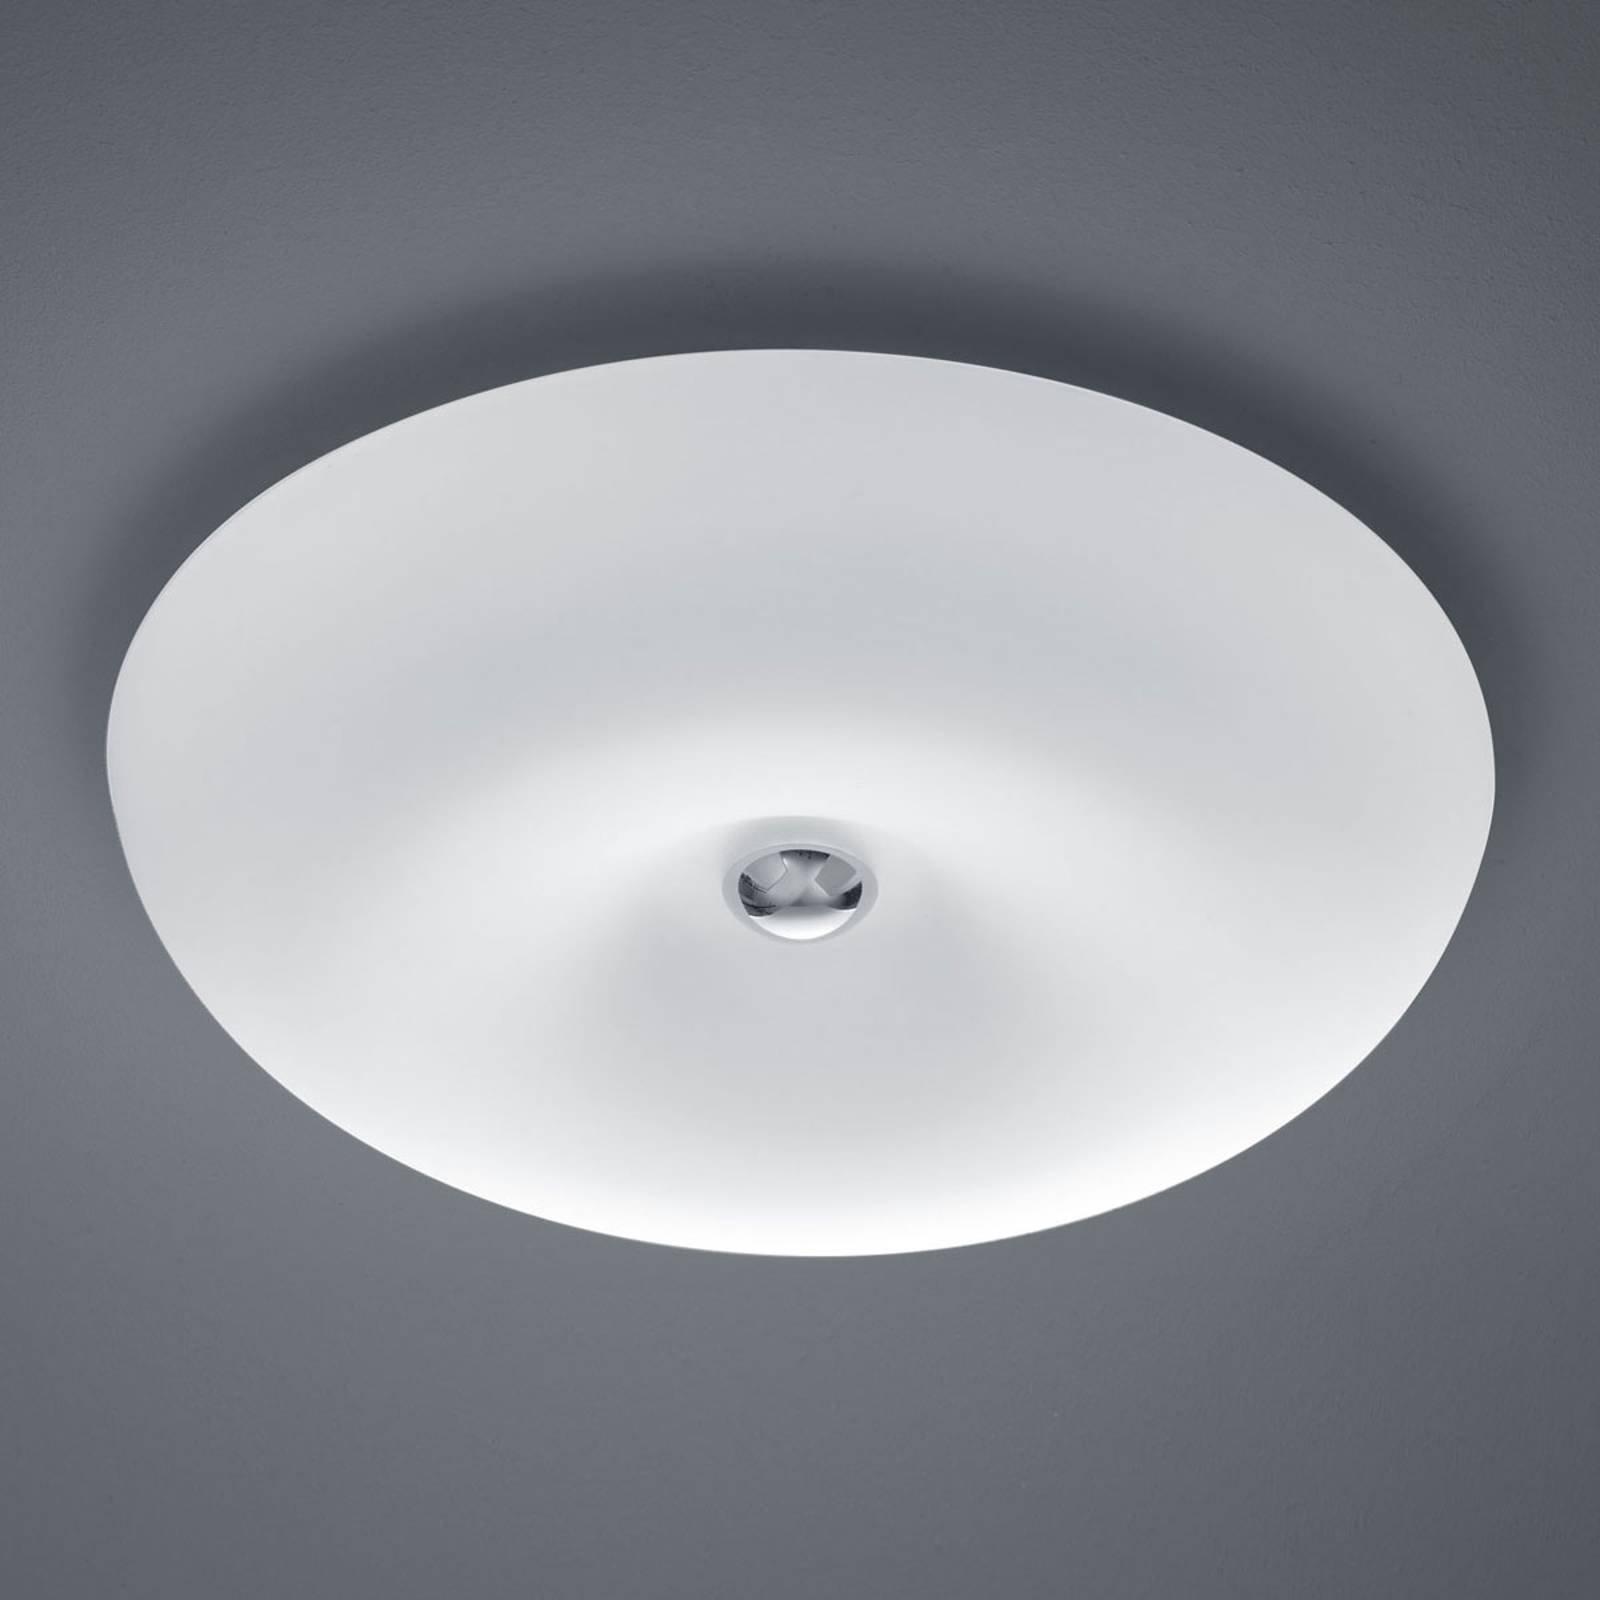 BANKAMP Vanity glass-taklampe LED, nikkel